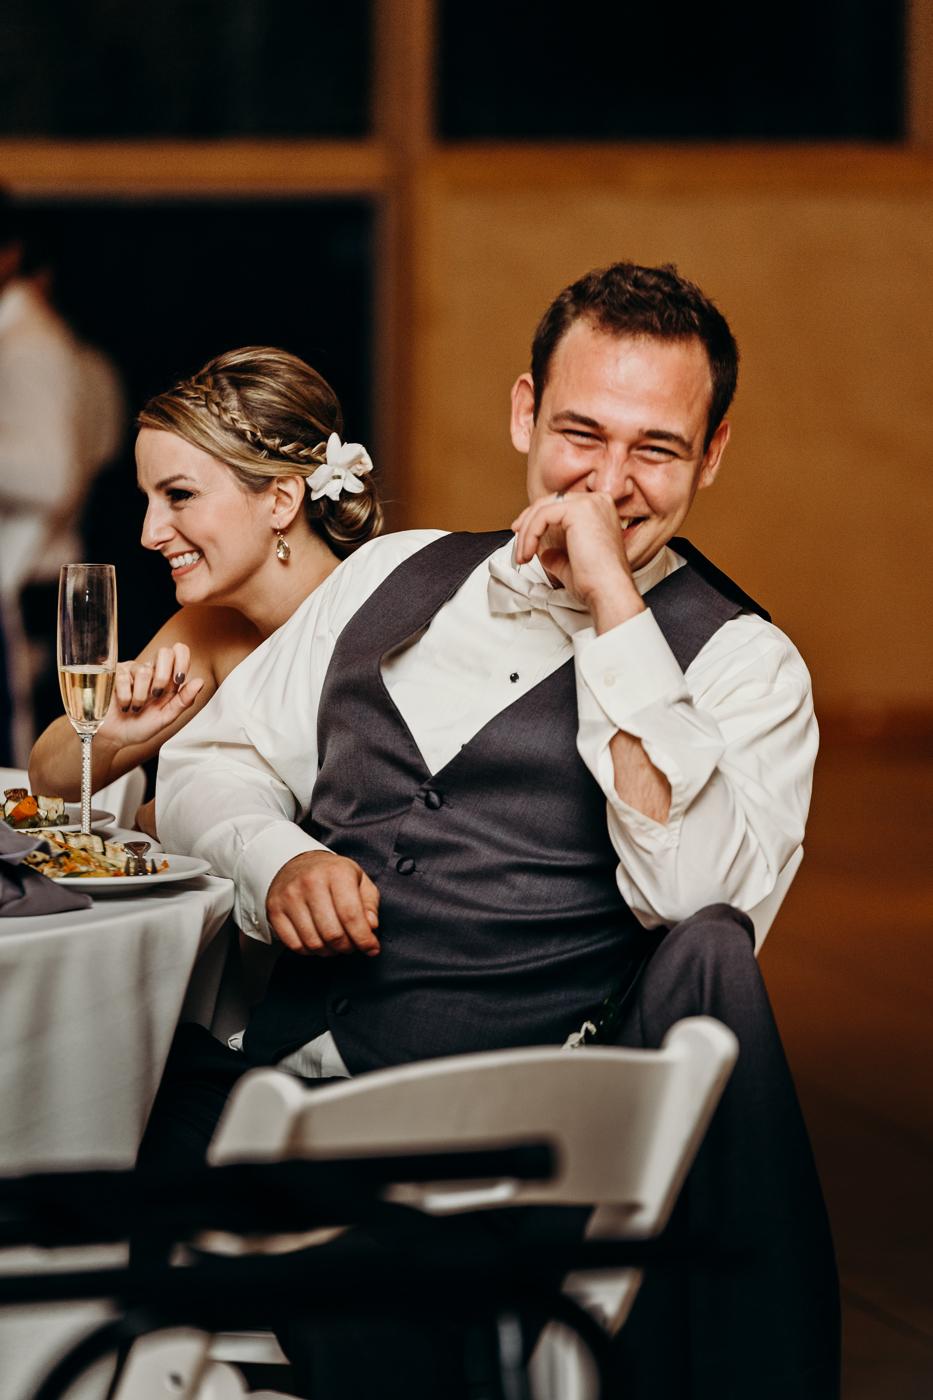 Groom laughs during best man's speech